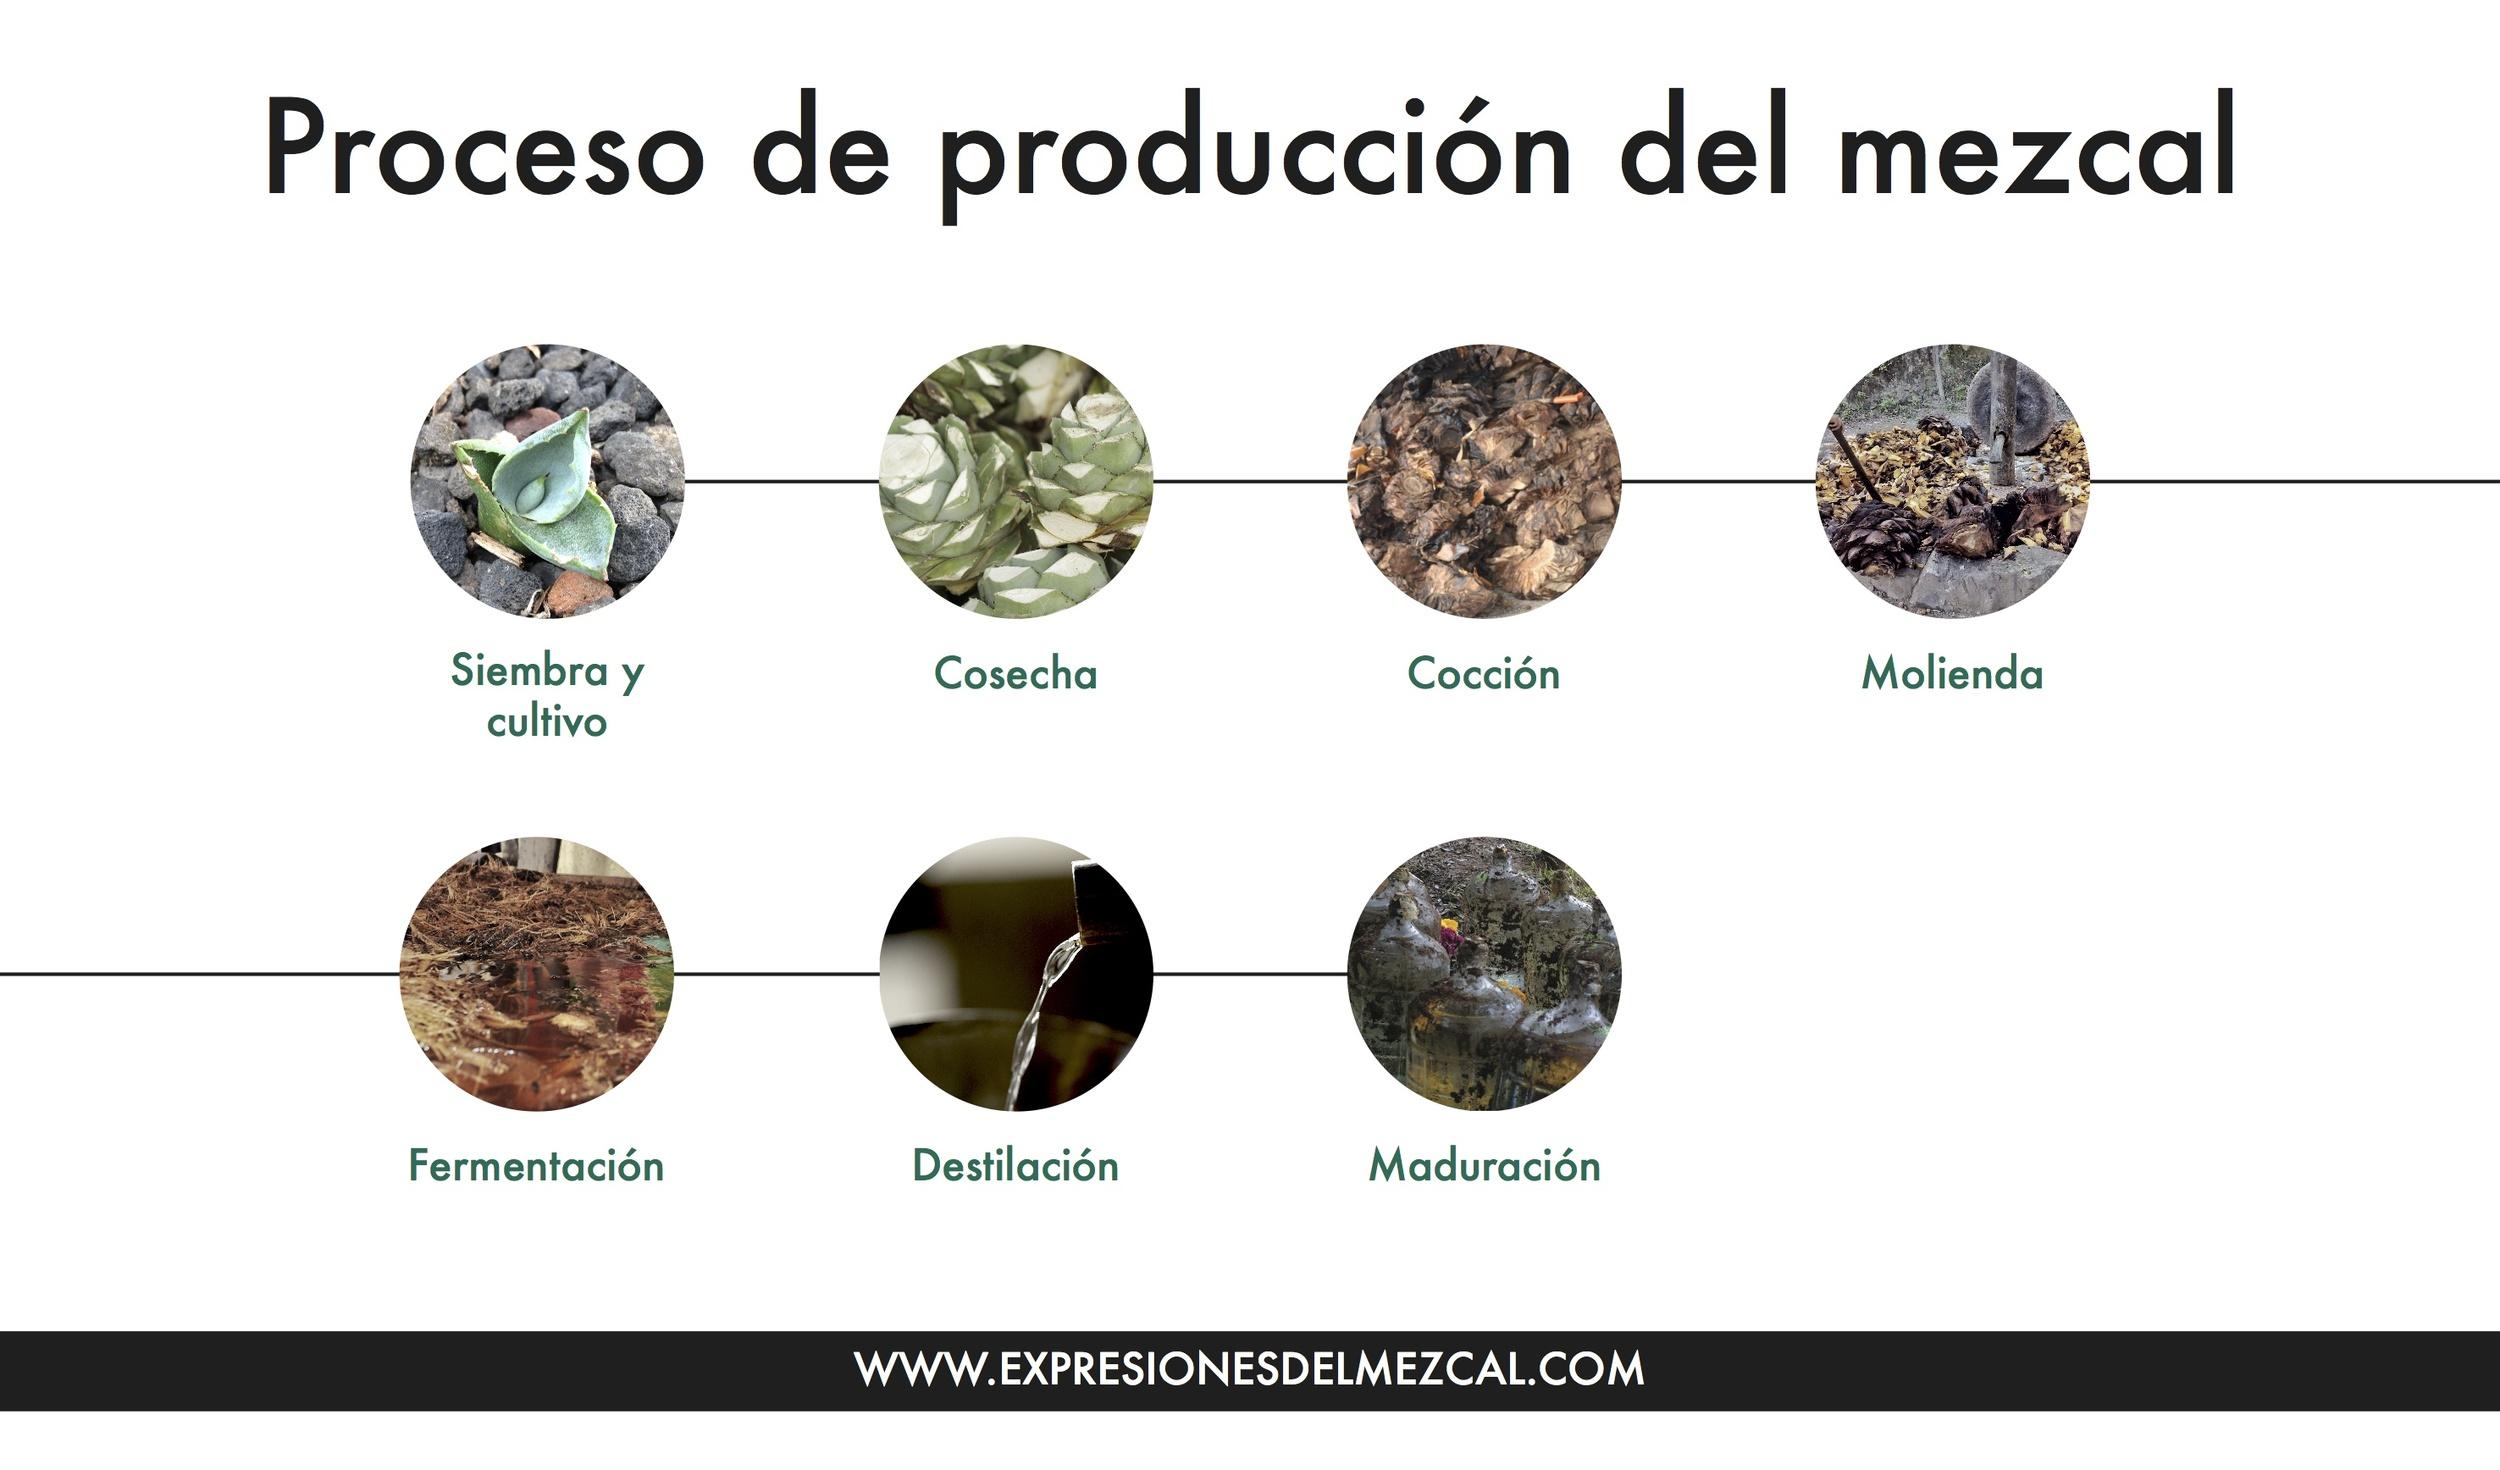 Proceso de producción mezcal - expresiones del mezcal